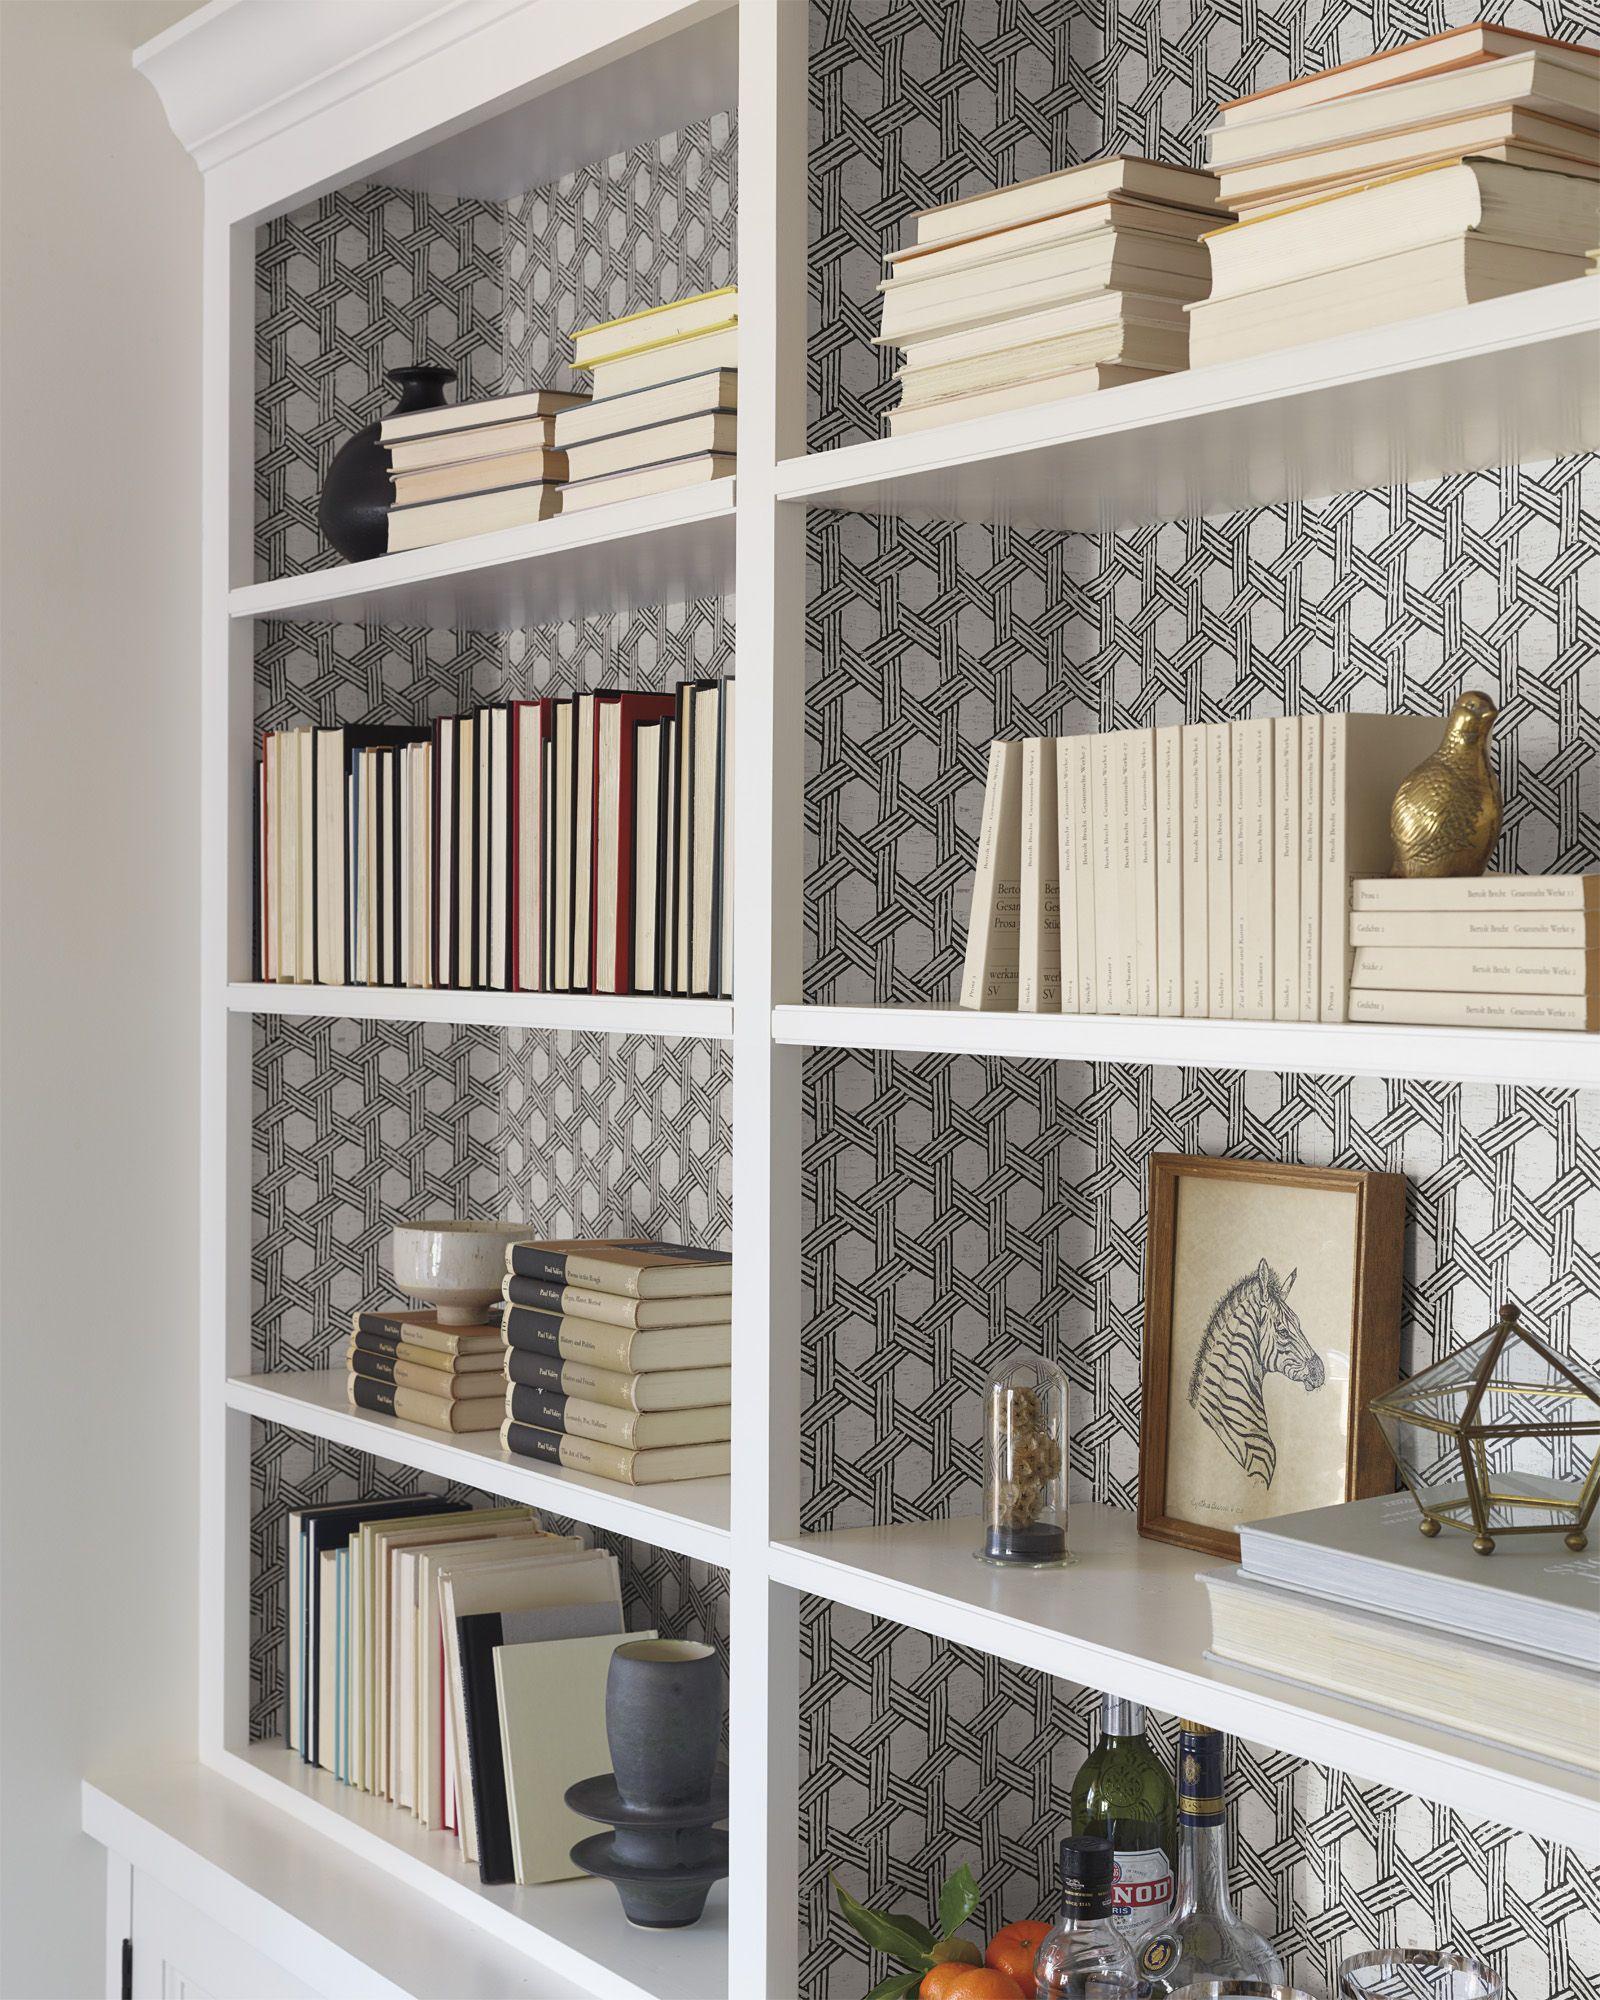 Cayman Cork Wallcovering Home Wallpaper Shelves Living Roo